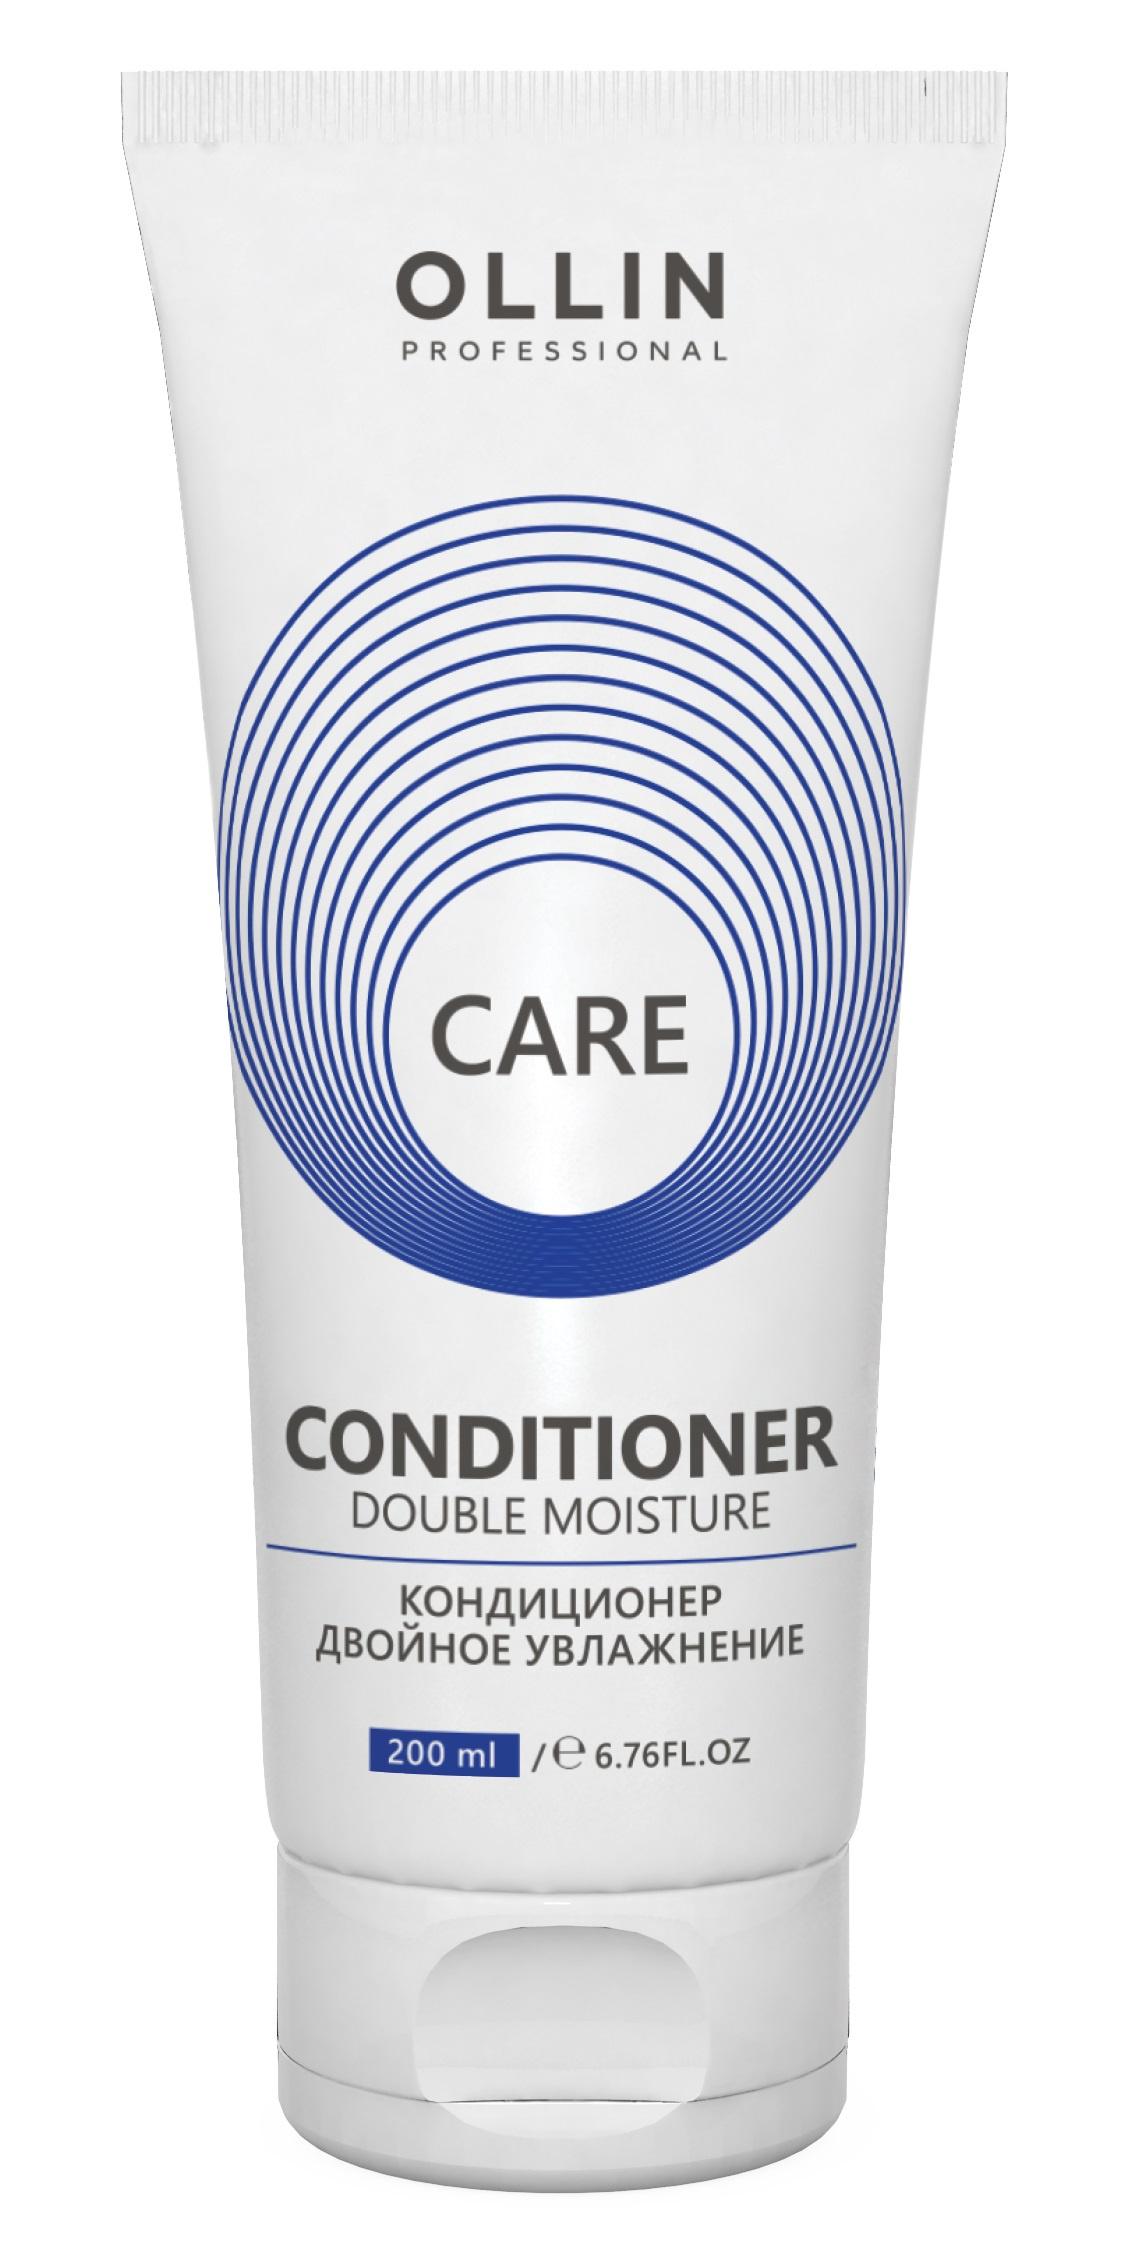 Кондиционер для волос OLLIN PROFESSIONAL CARE для увлажнения и питания double moisture 200 мл